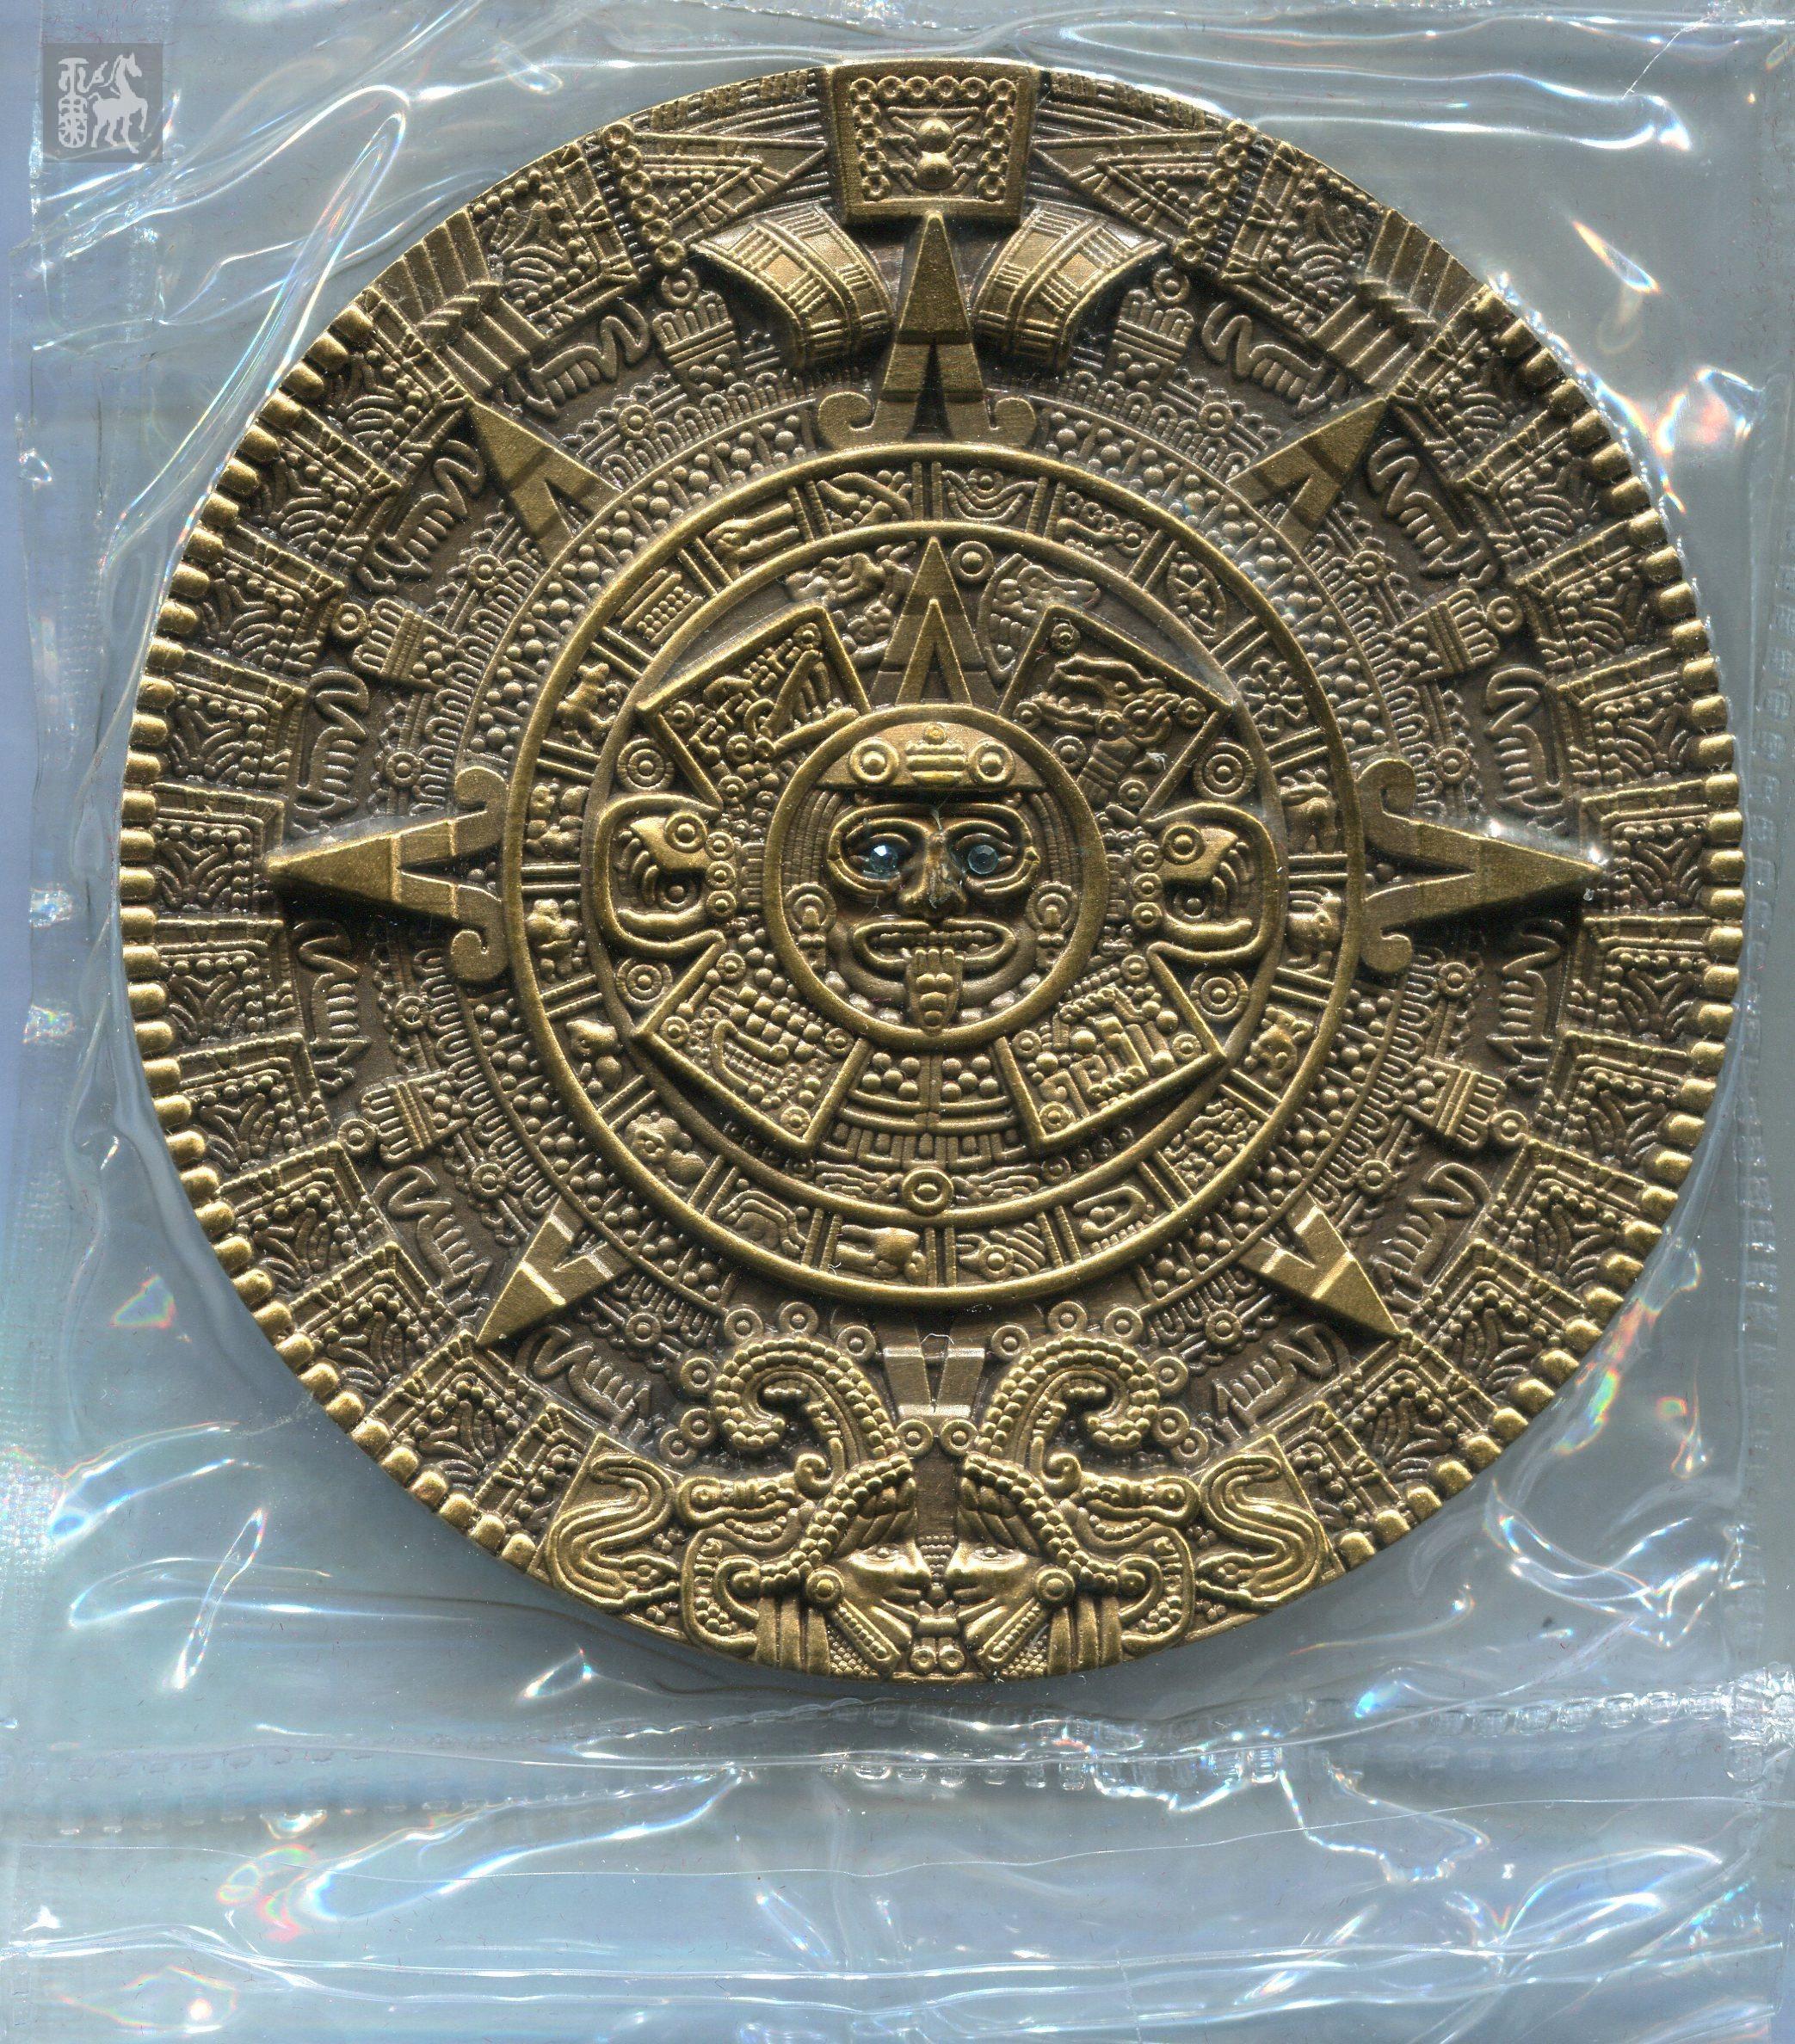 2012年铜訫缘发行消失的文明 玛雅文明黄铜大铜章一枚 直径高清图片